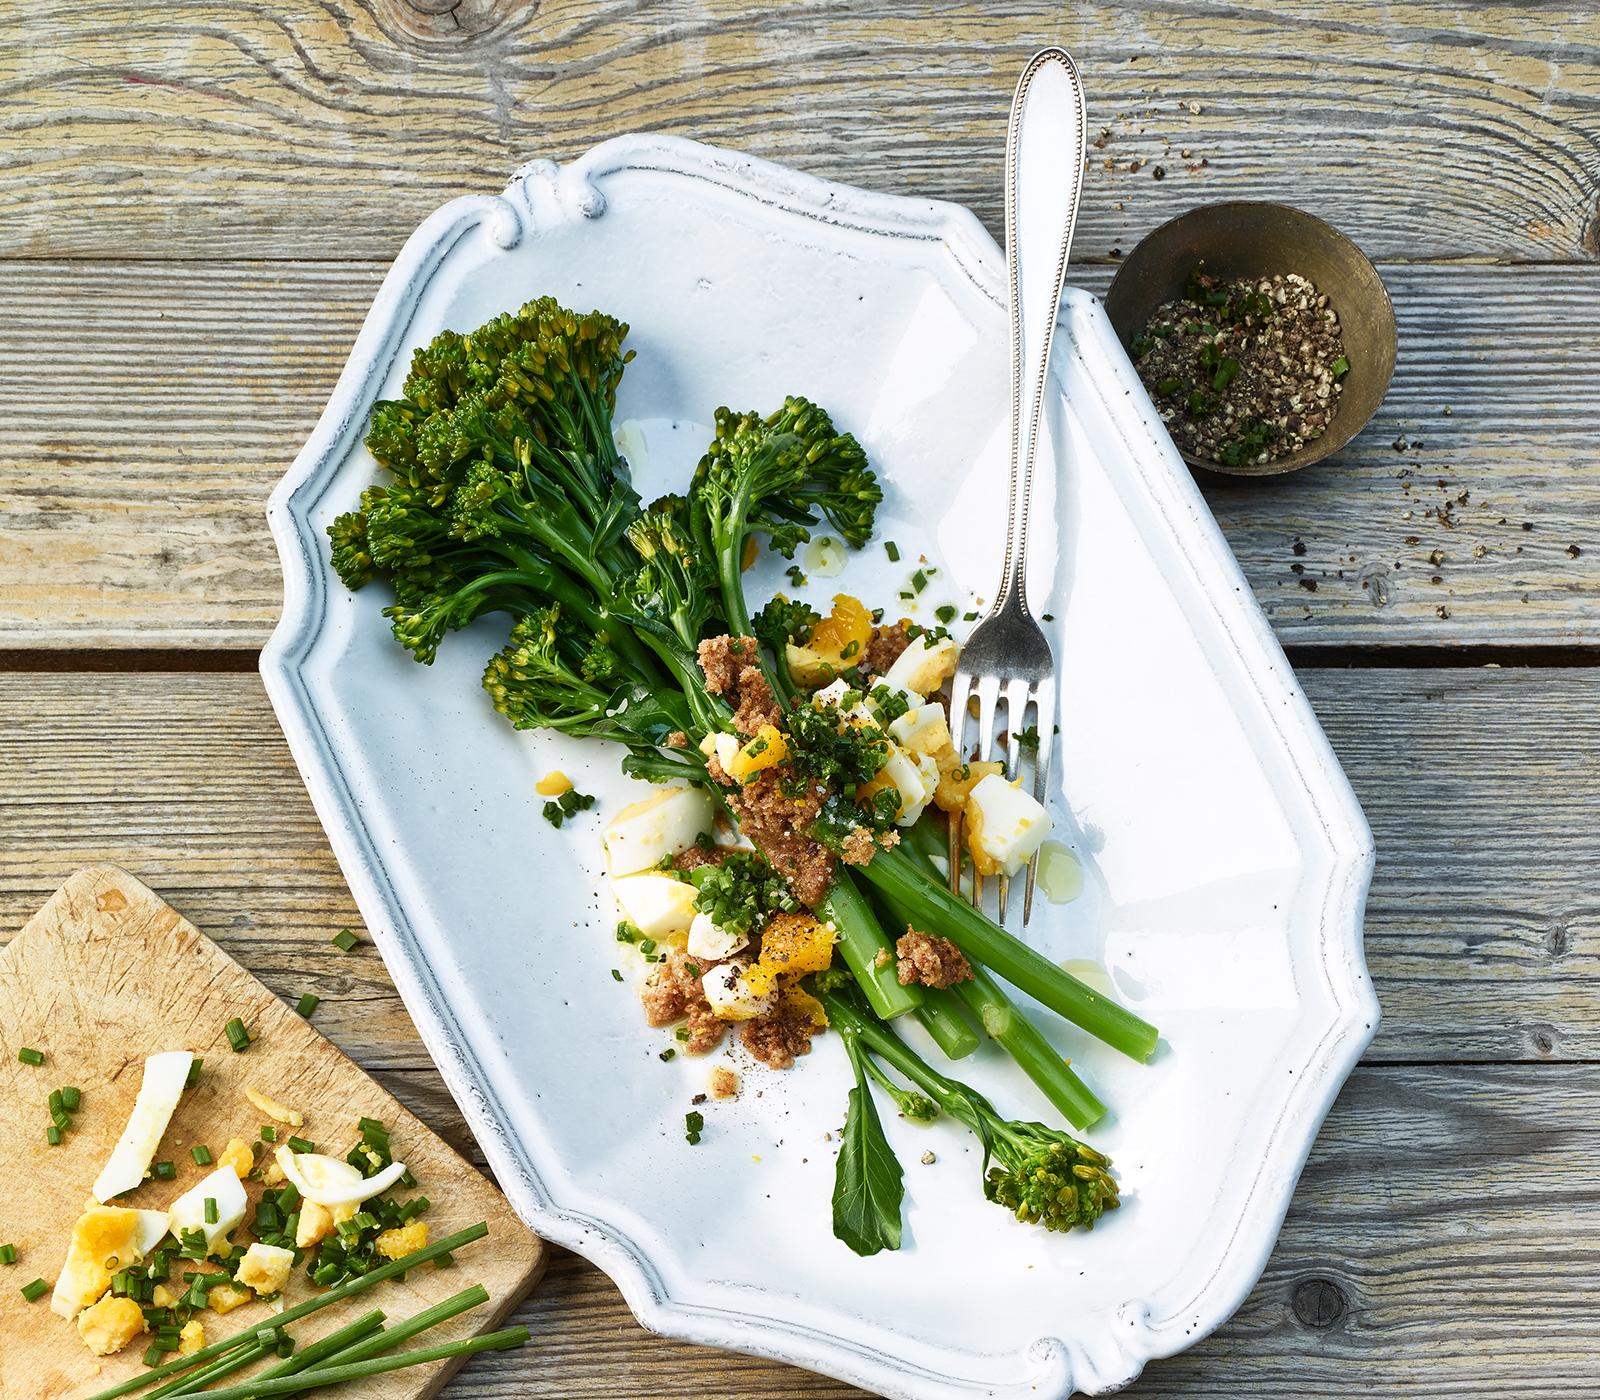 Sommerküche Schnelle Rezepte : Schnelle rezepte für die sommerküche annemarie wildeisens kochen